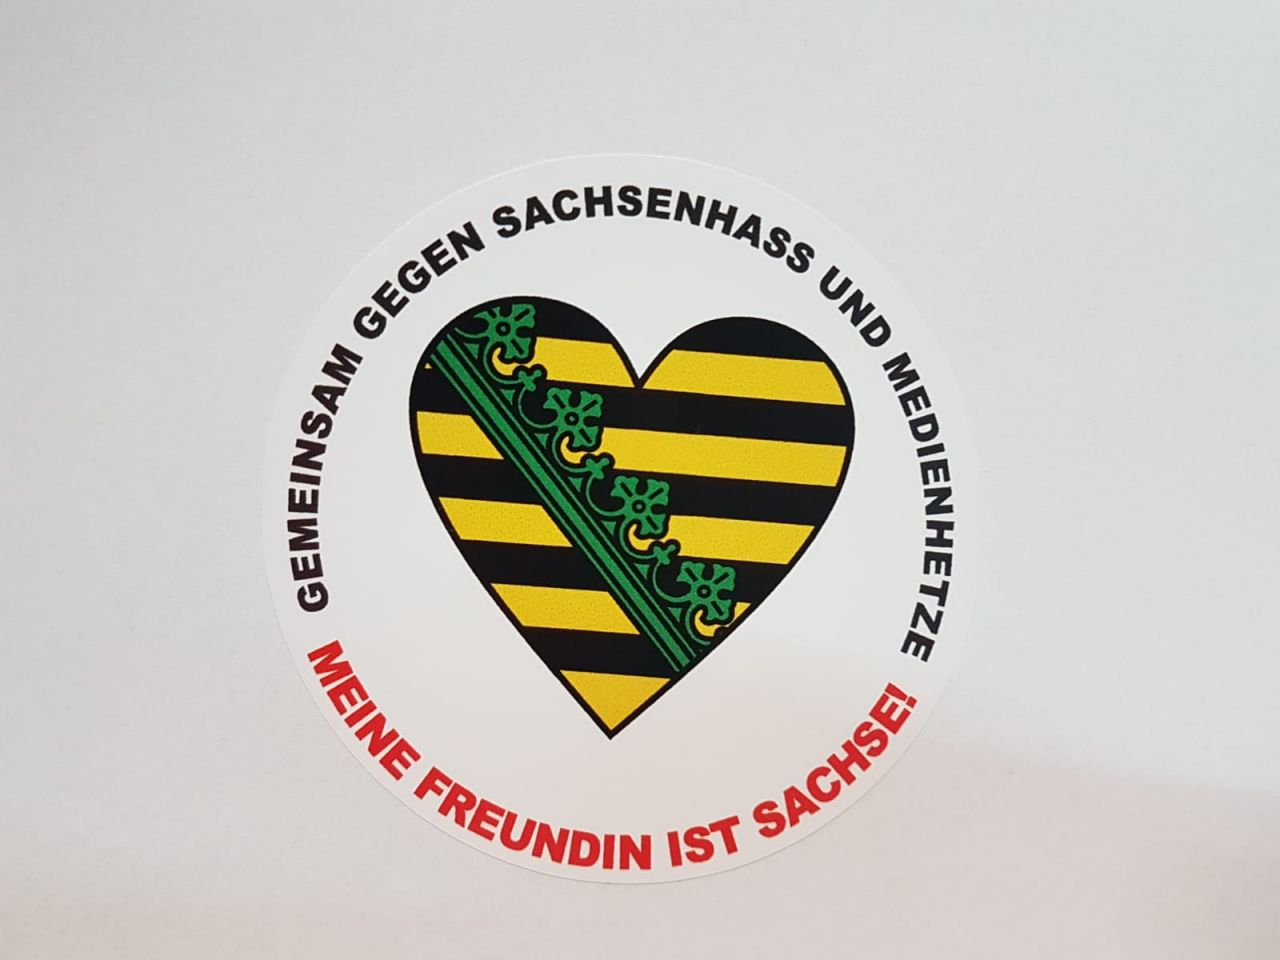 Gemeinsam gegen Sachsenhass2